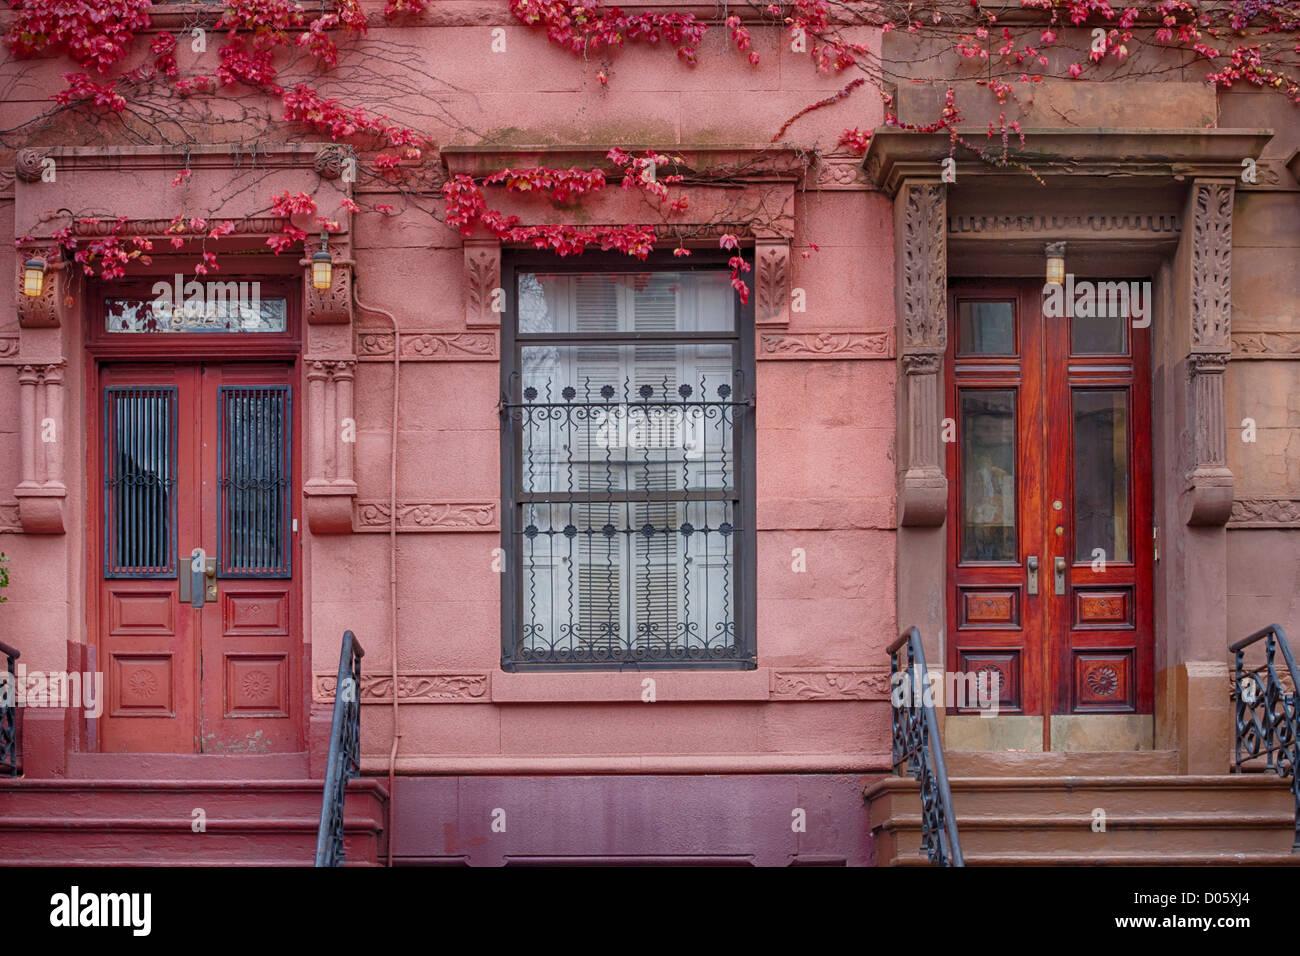 Las puertas de la casa de fila de color rosa con ivy, Harlem, Nueva York, EE.UU. Imagen De Stock